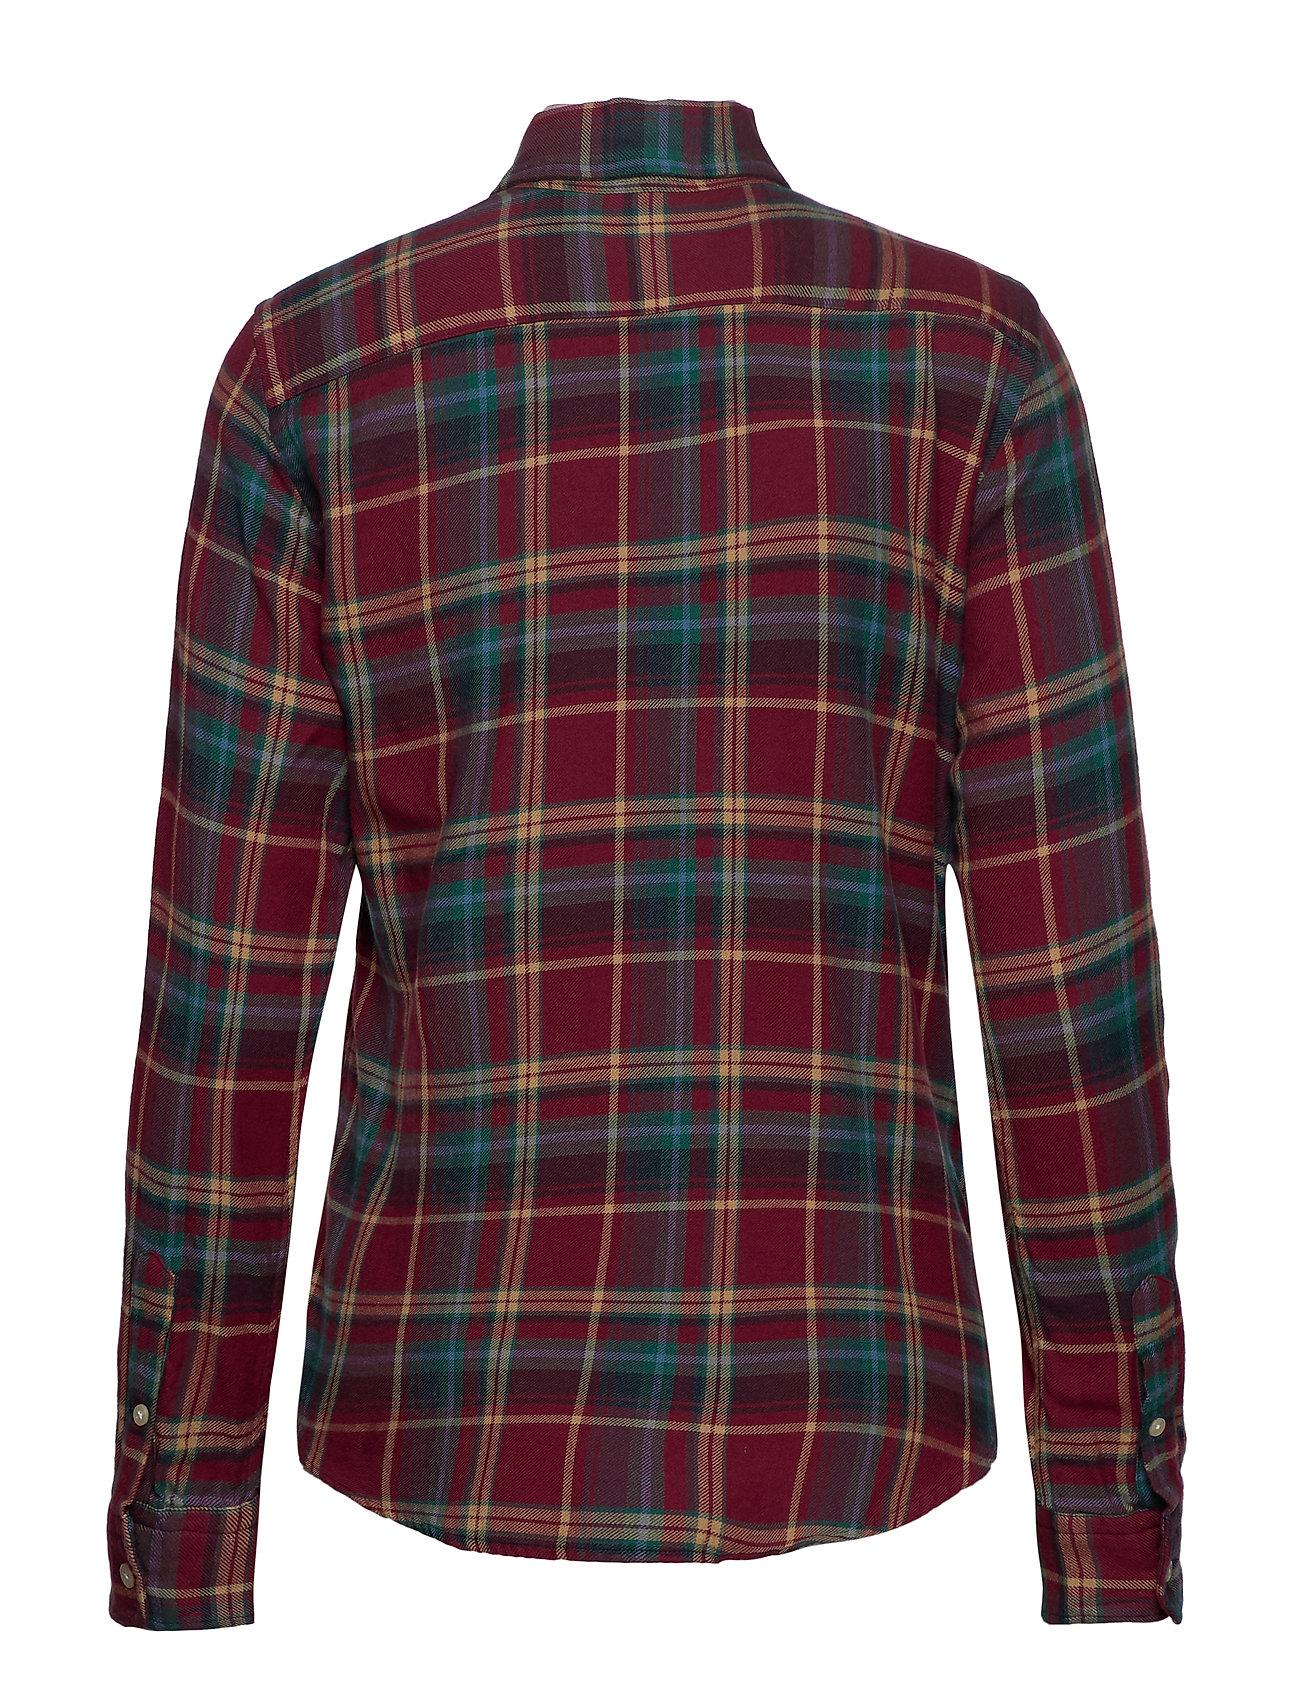 Cotton ShirtPolo Lauren Plaid Ralph Cotton Plaid trdsCBhQx